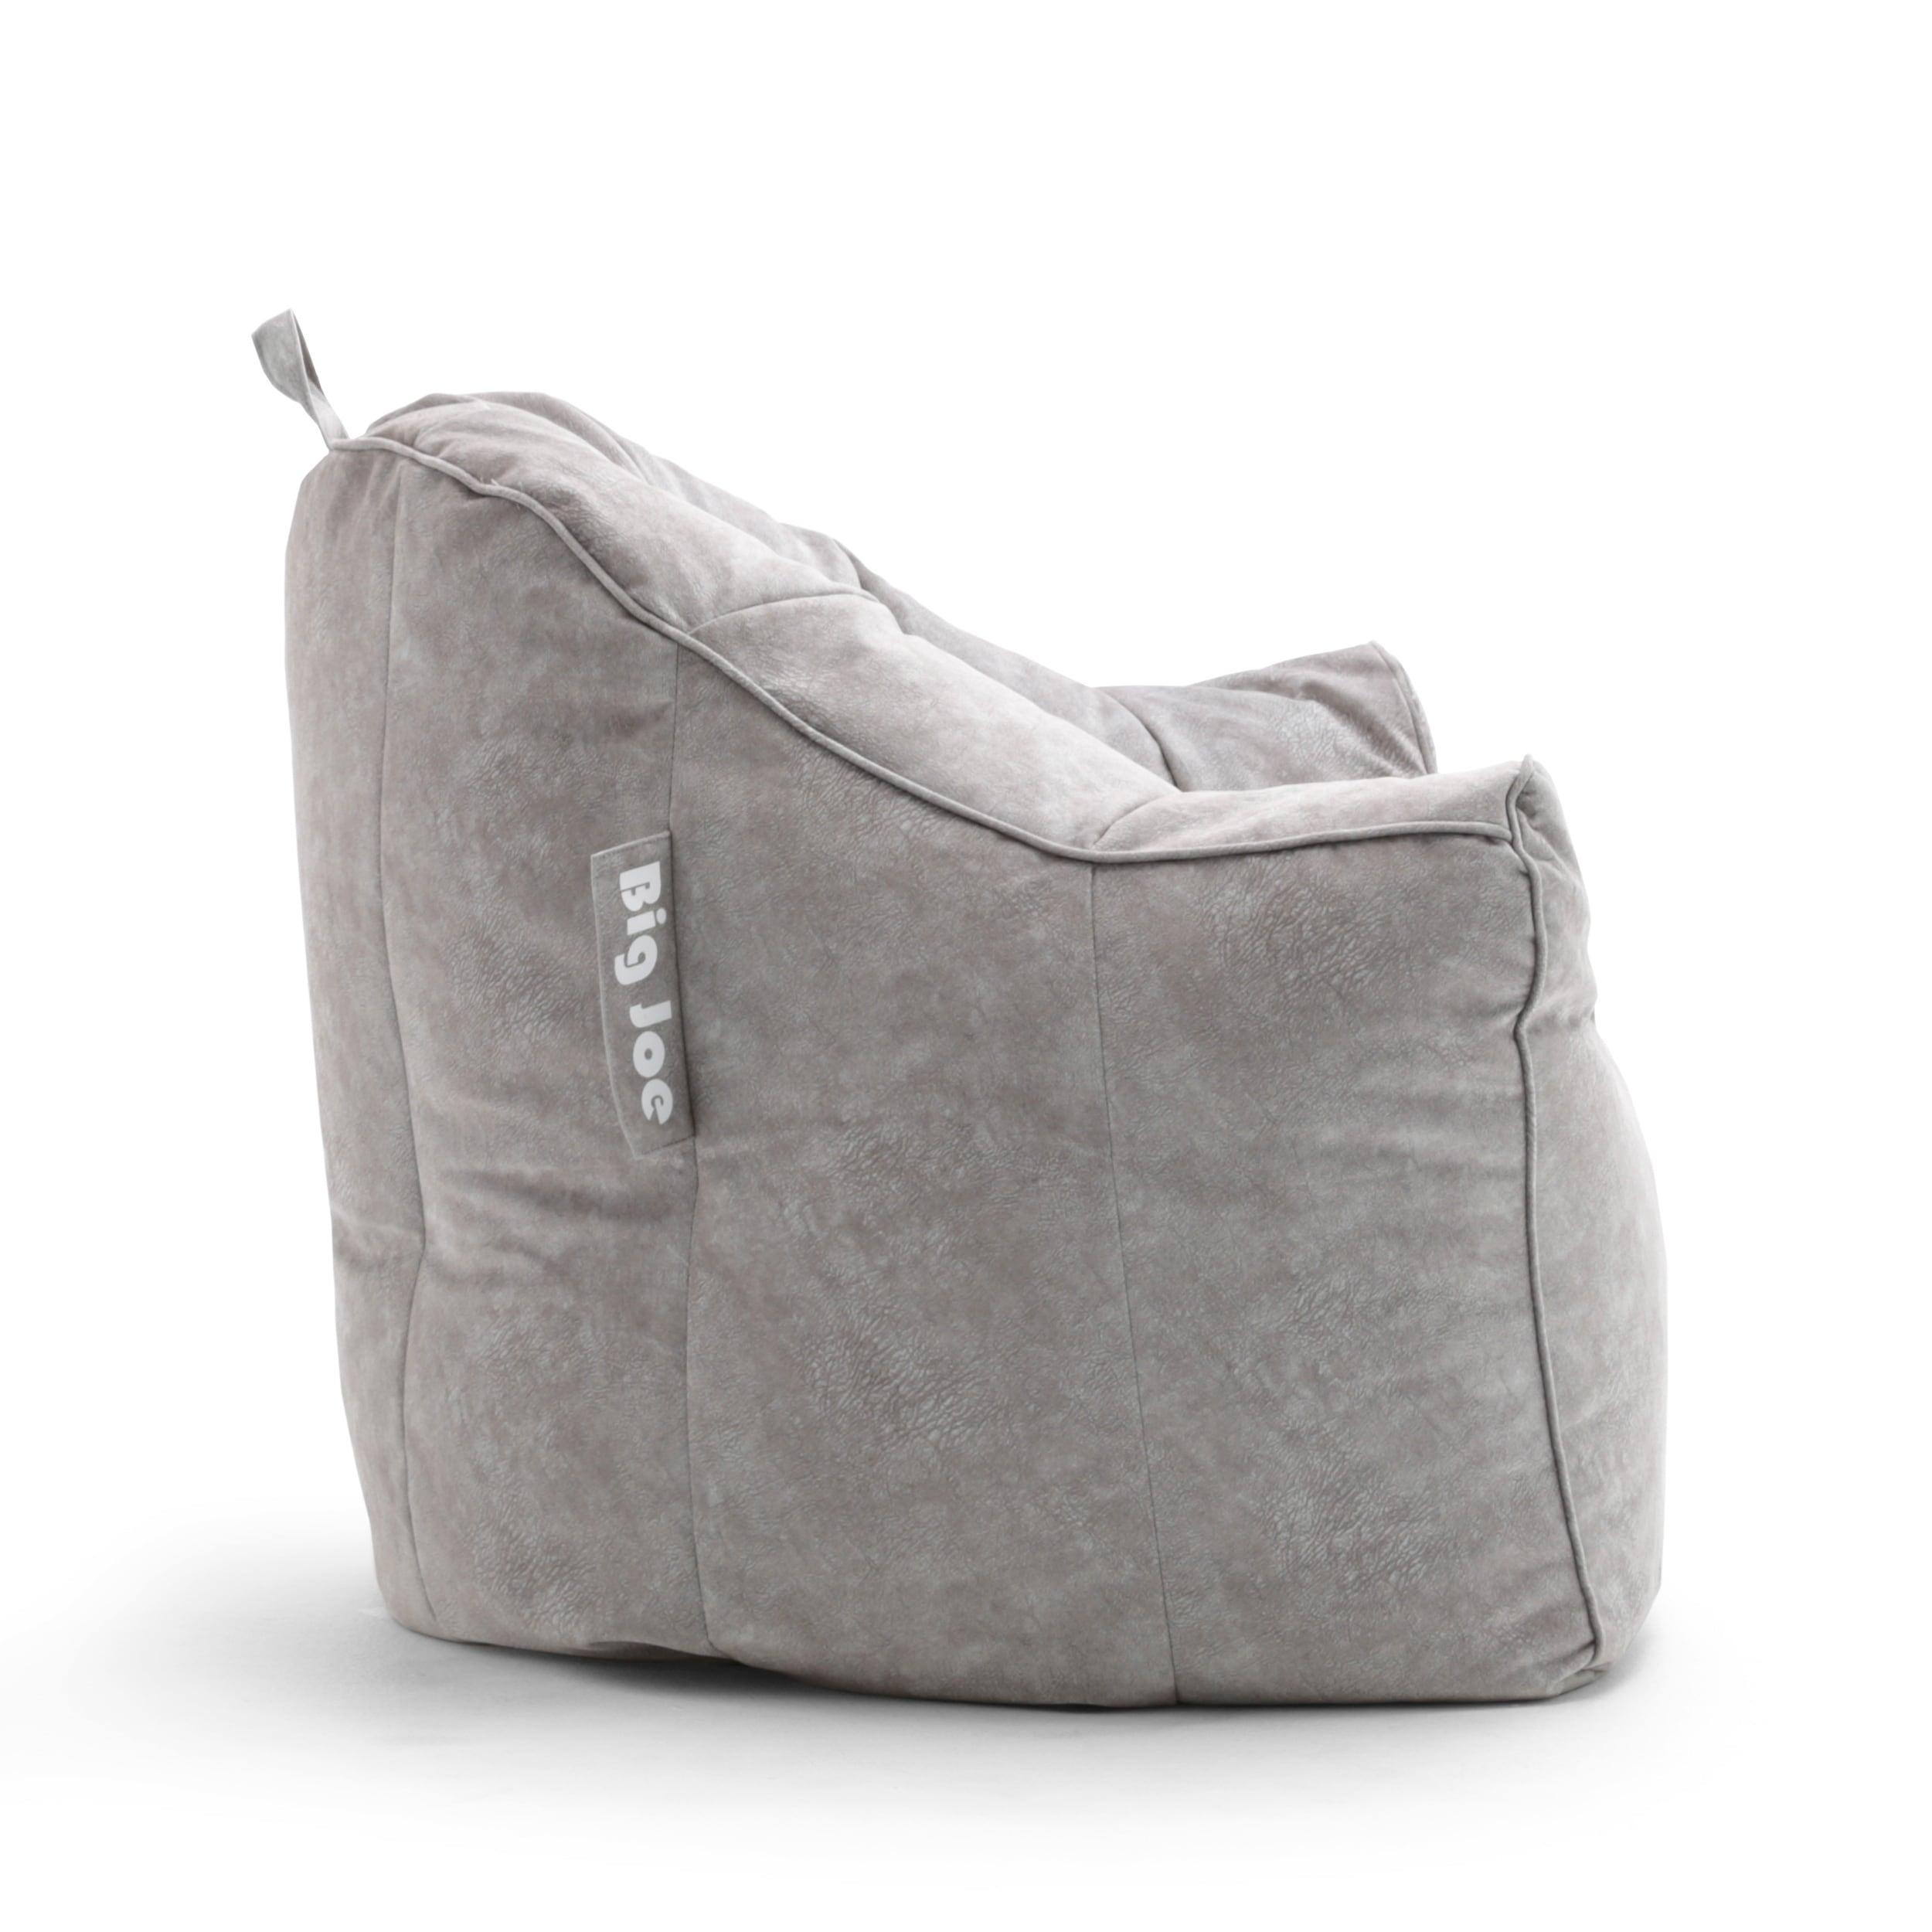 Big Joe Hug Bean Bag Chair Ebay